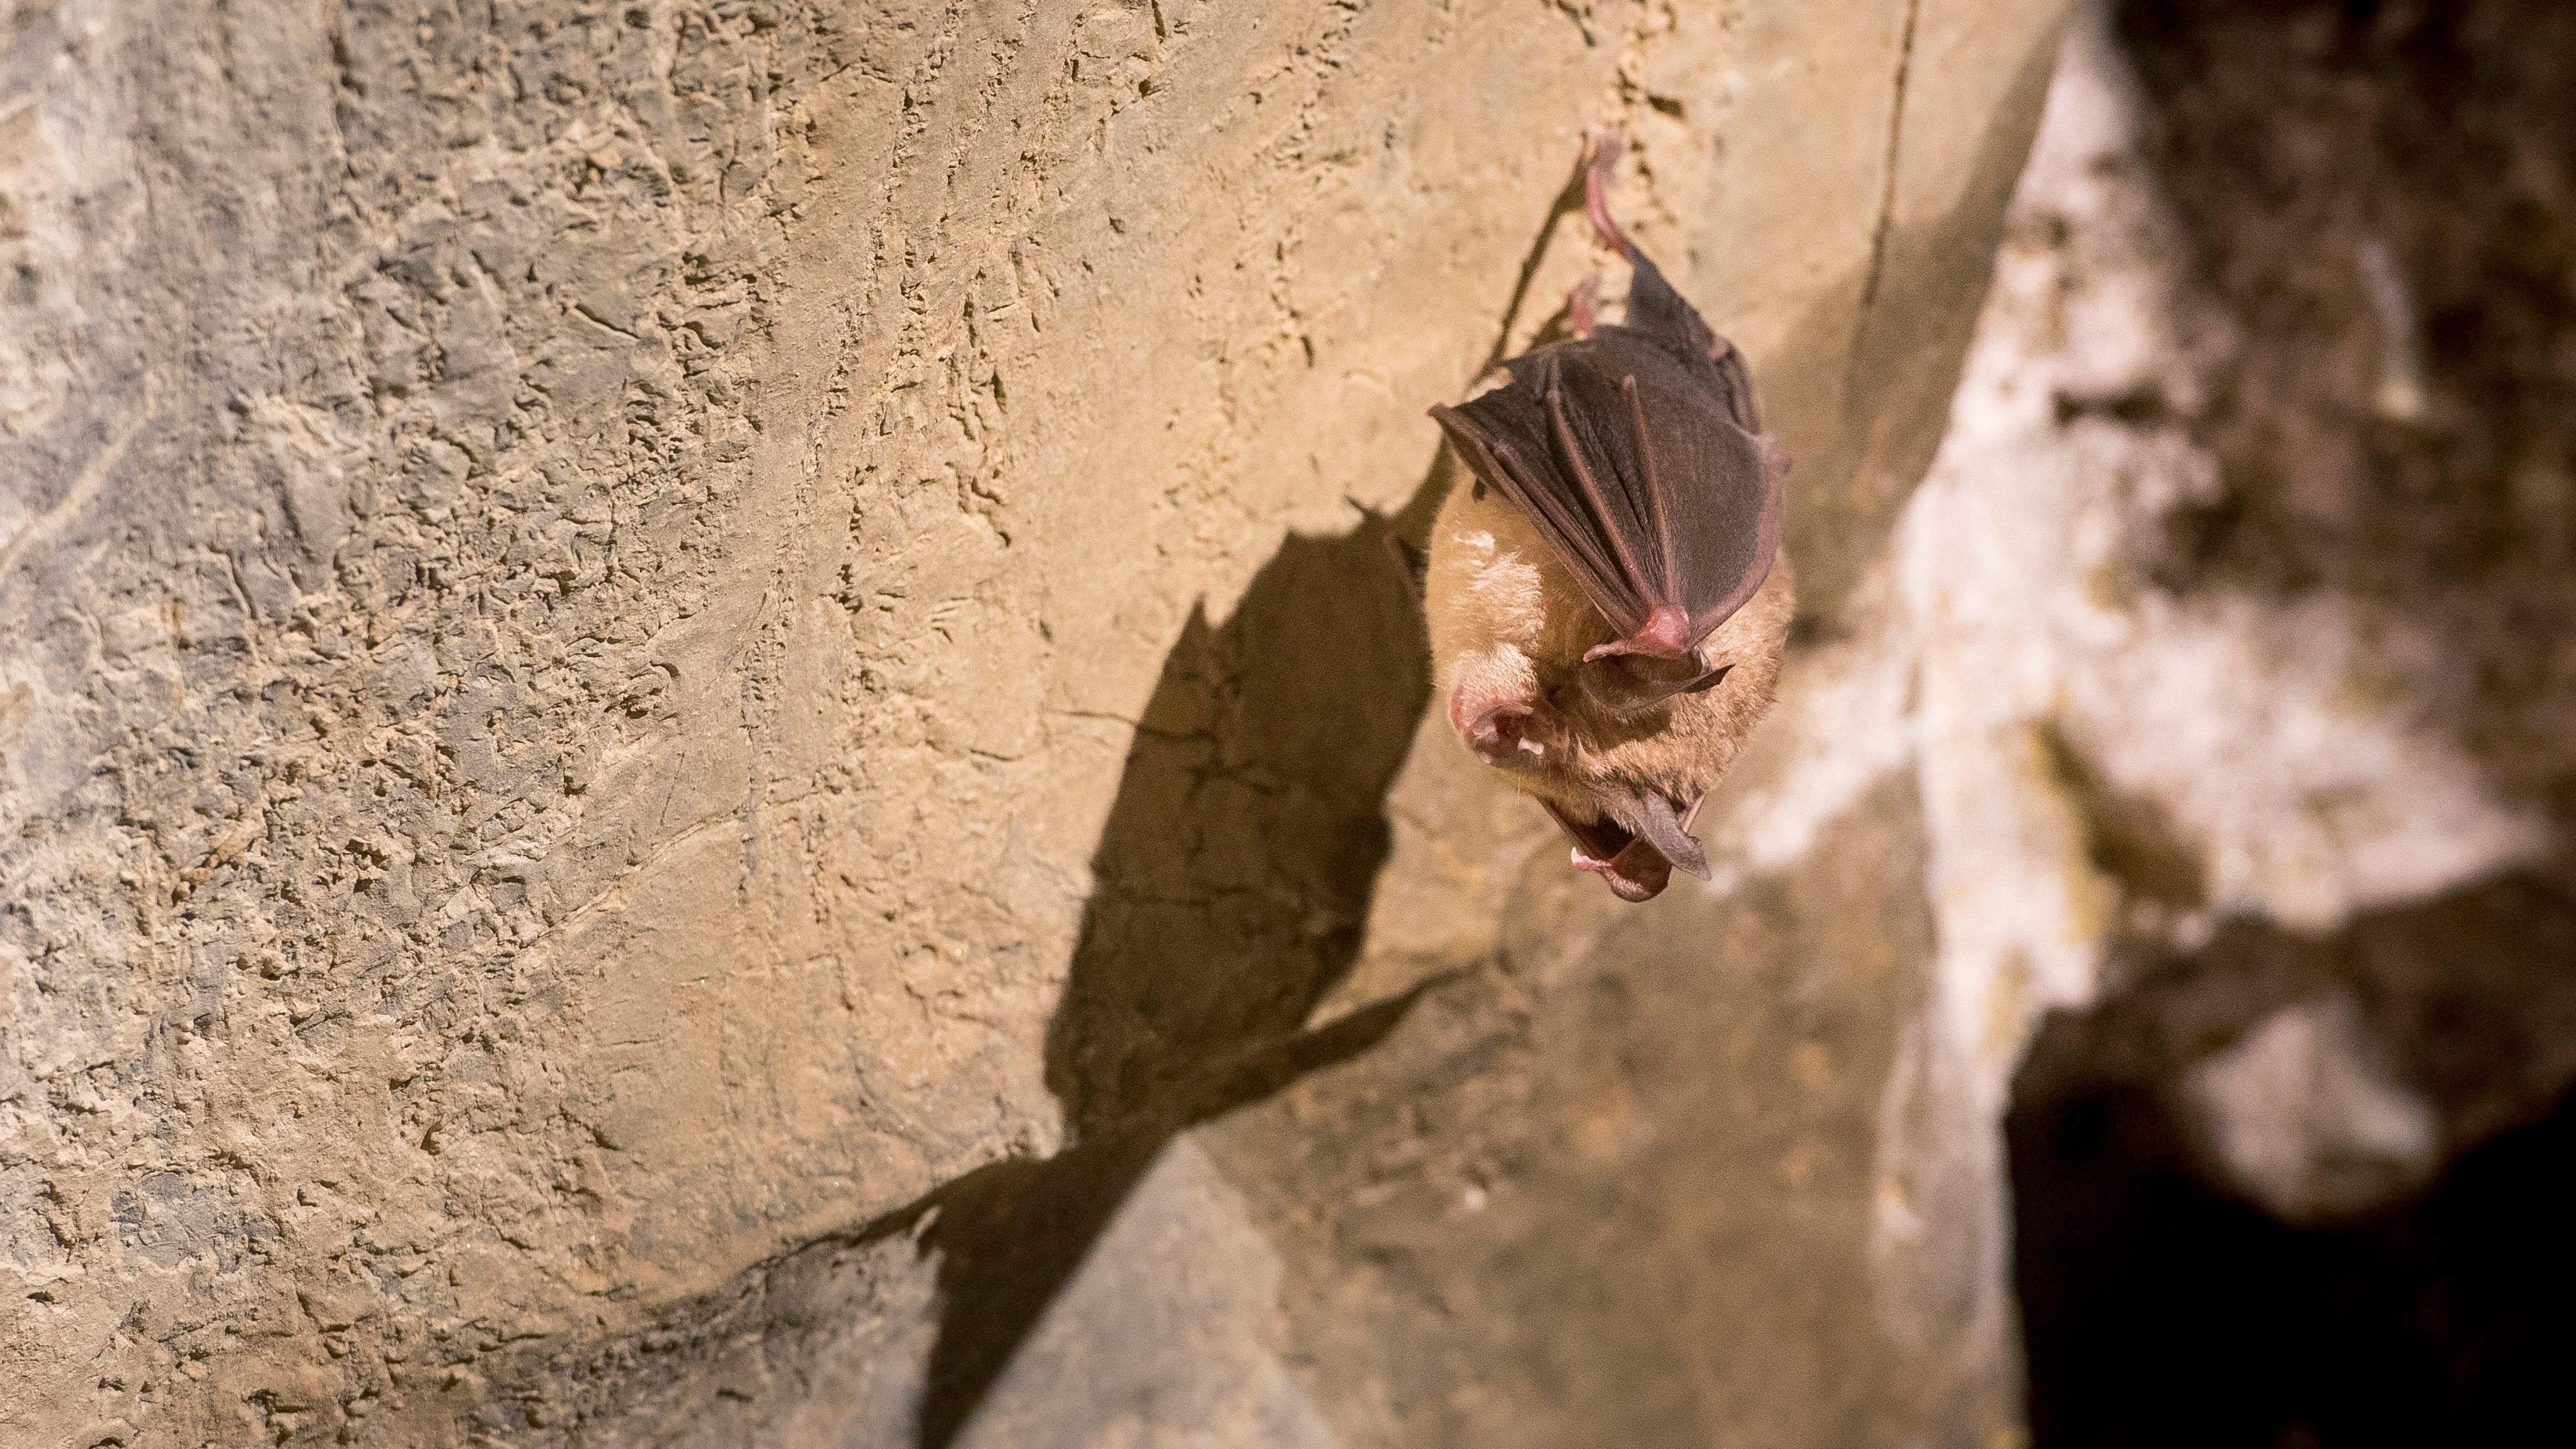 Téli álmot alvó nagy patkósdenevér (Rhinolophus ferrumequinum) az Abaligeti-barlangban 2018. január 16-án.